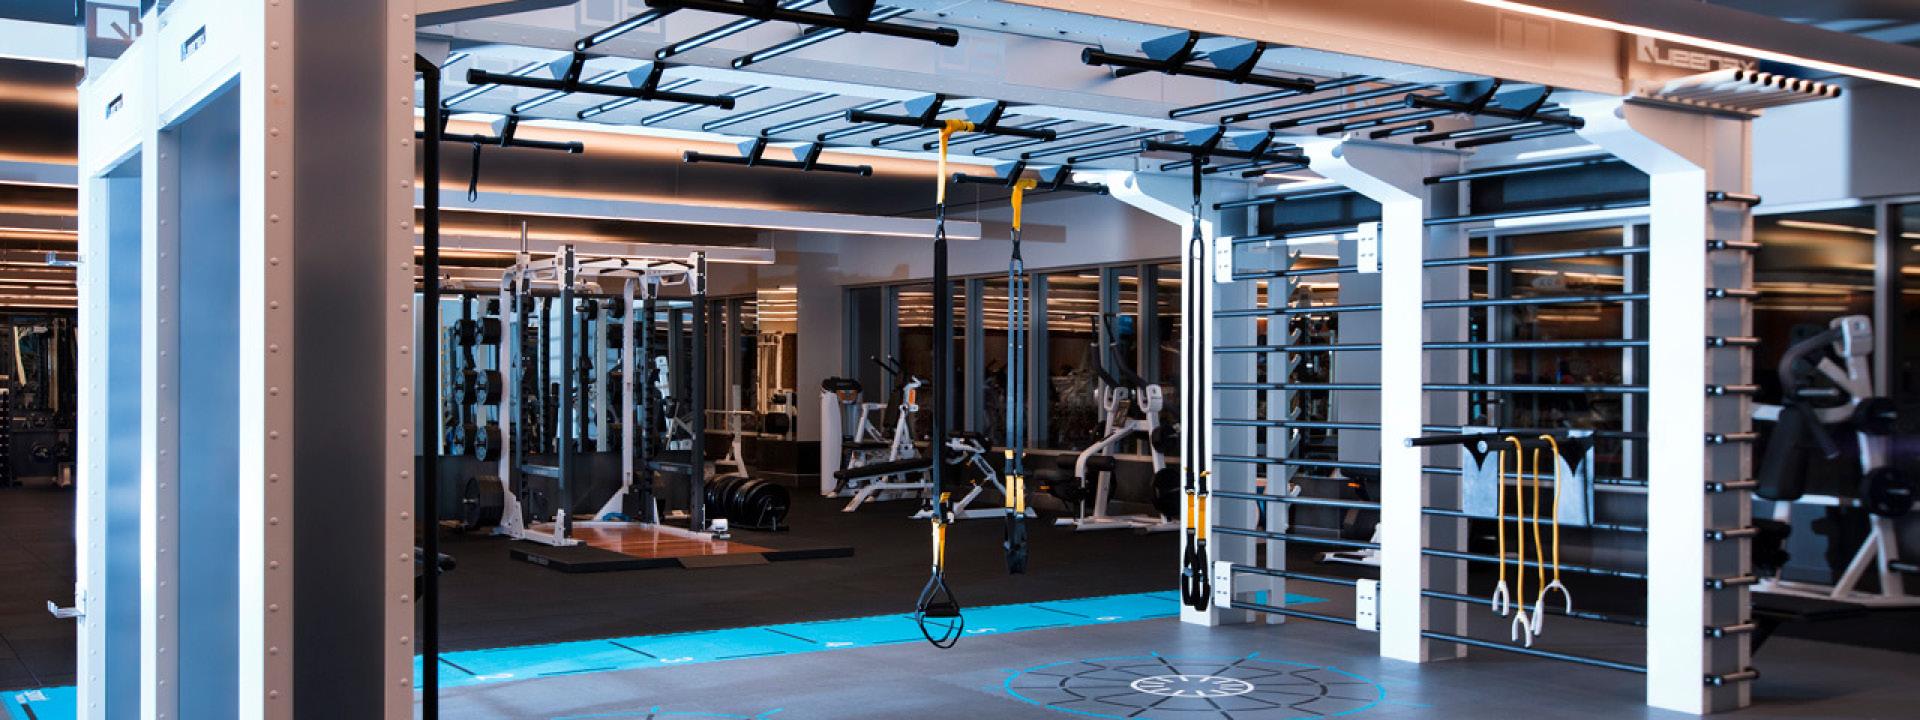 Equinox Chestnut Hill >> Chestnut Hill Gym and Sports Club Near Newton, MA - Equinox